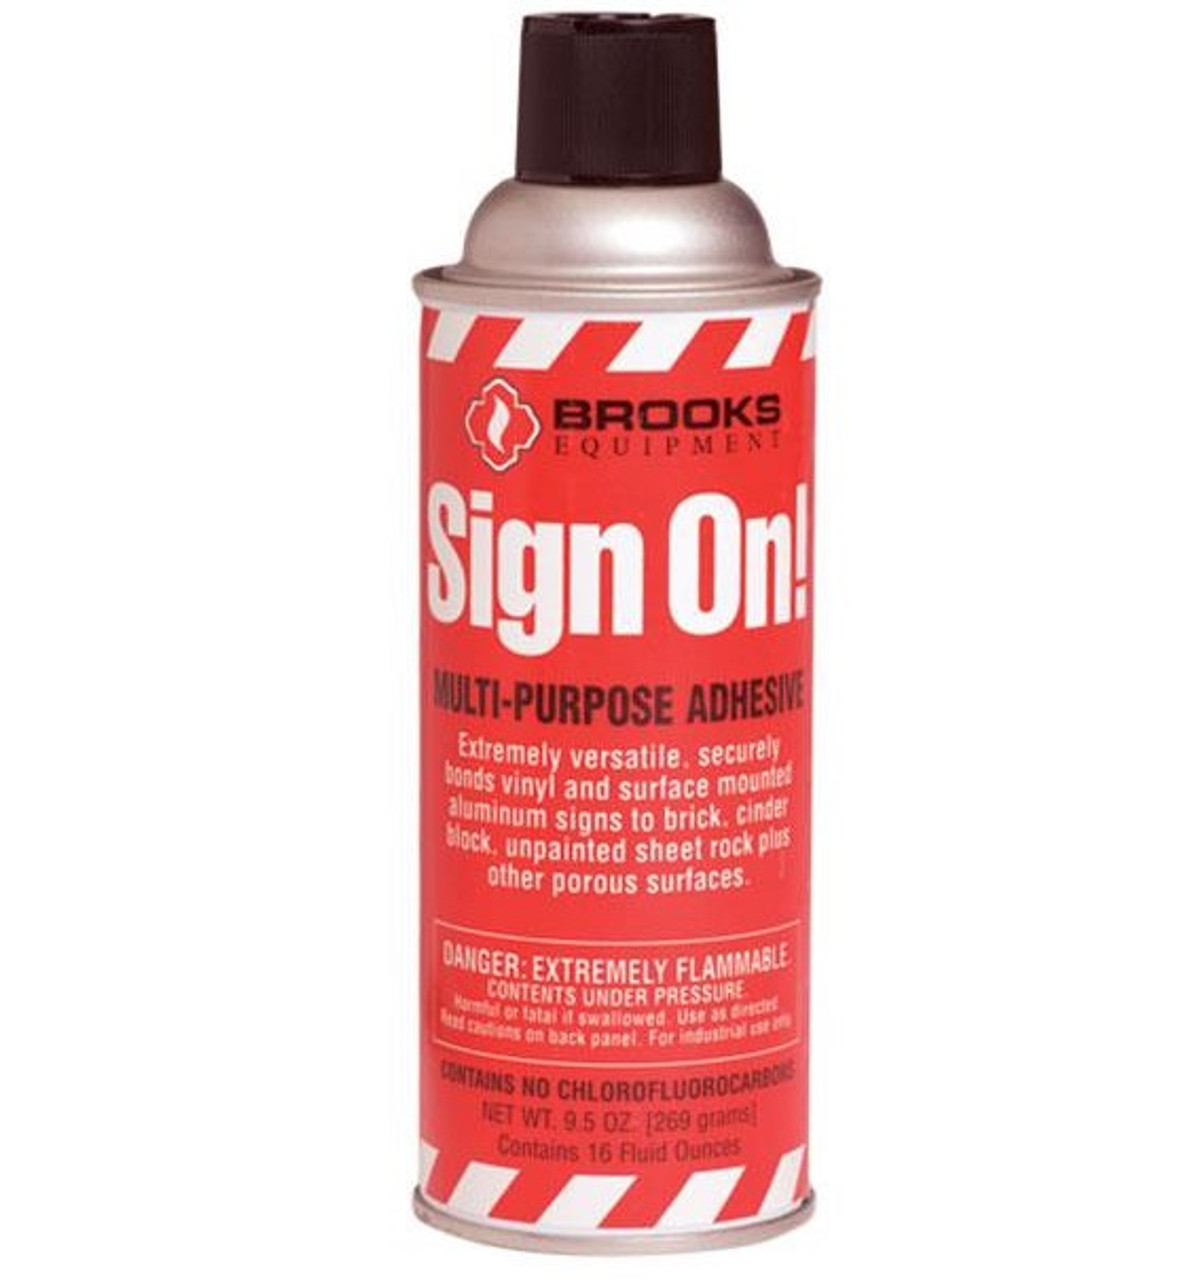 Sign On! Multi-Purpose Adhesive Spray